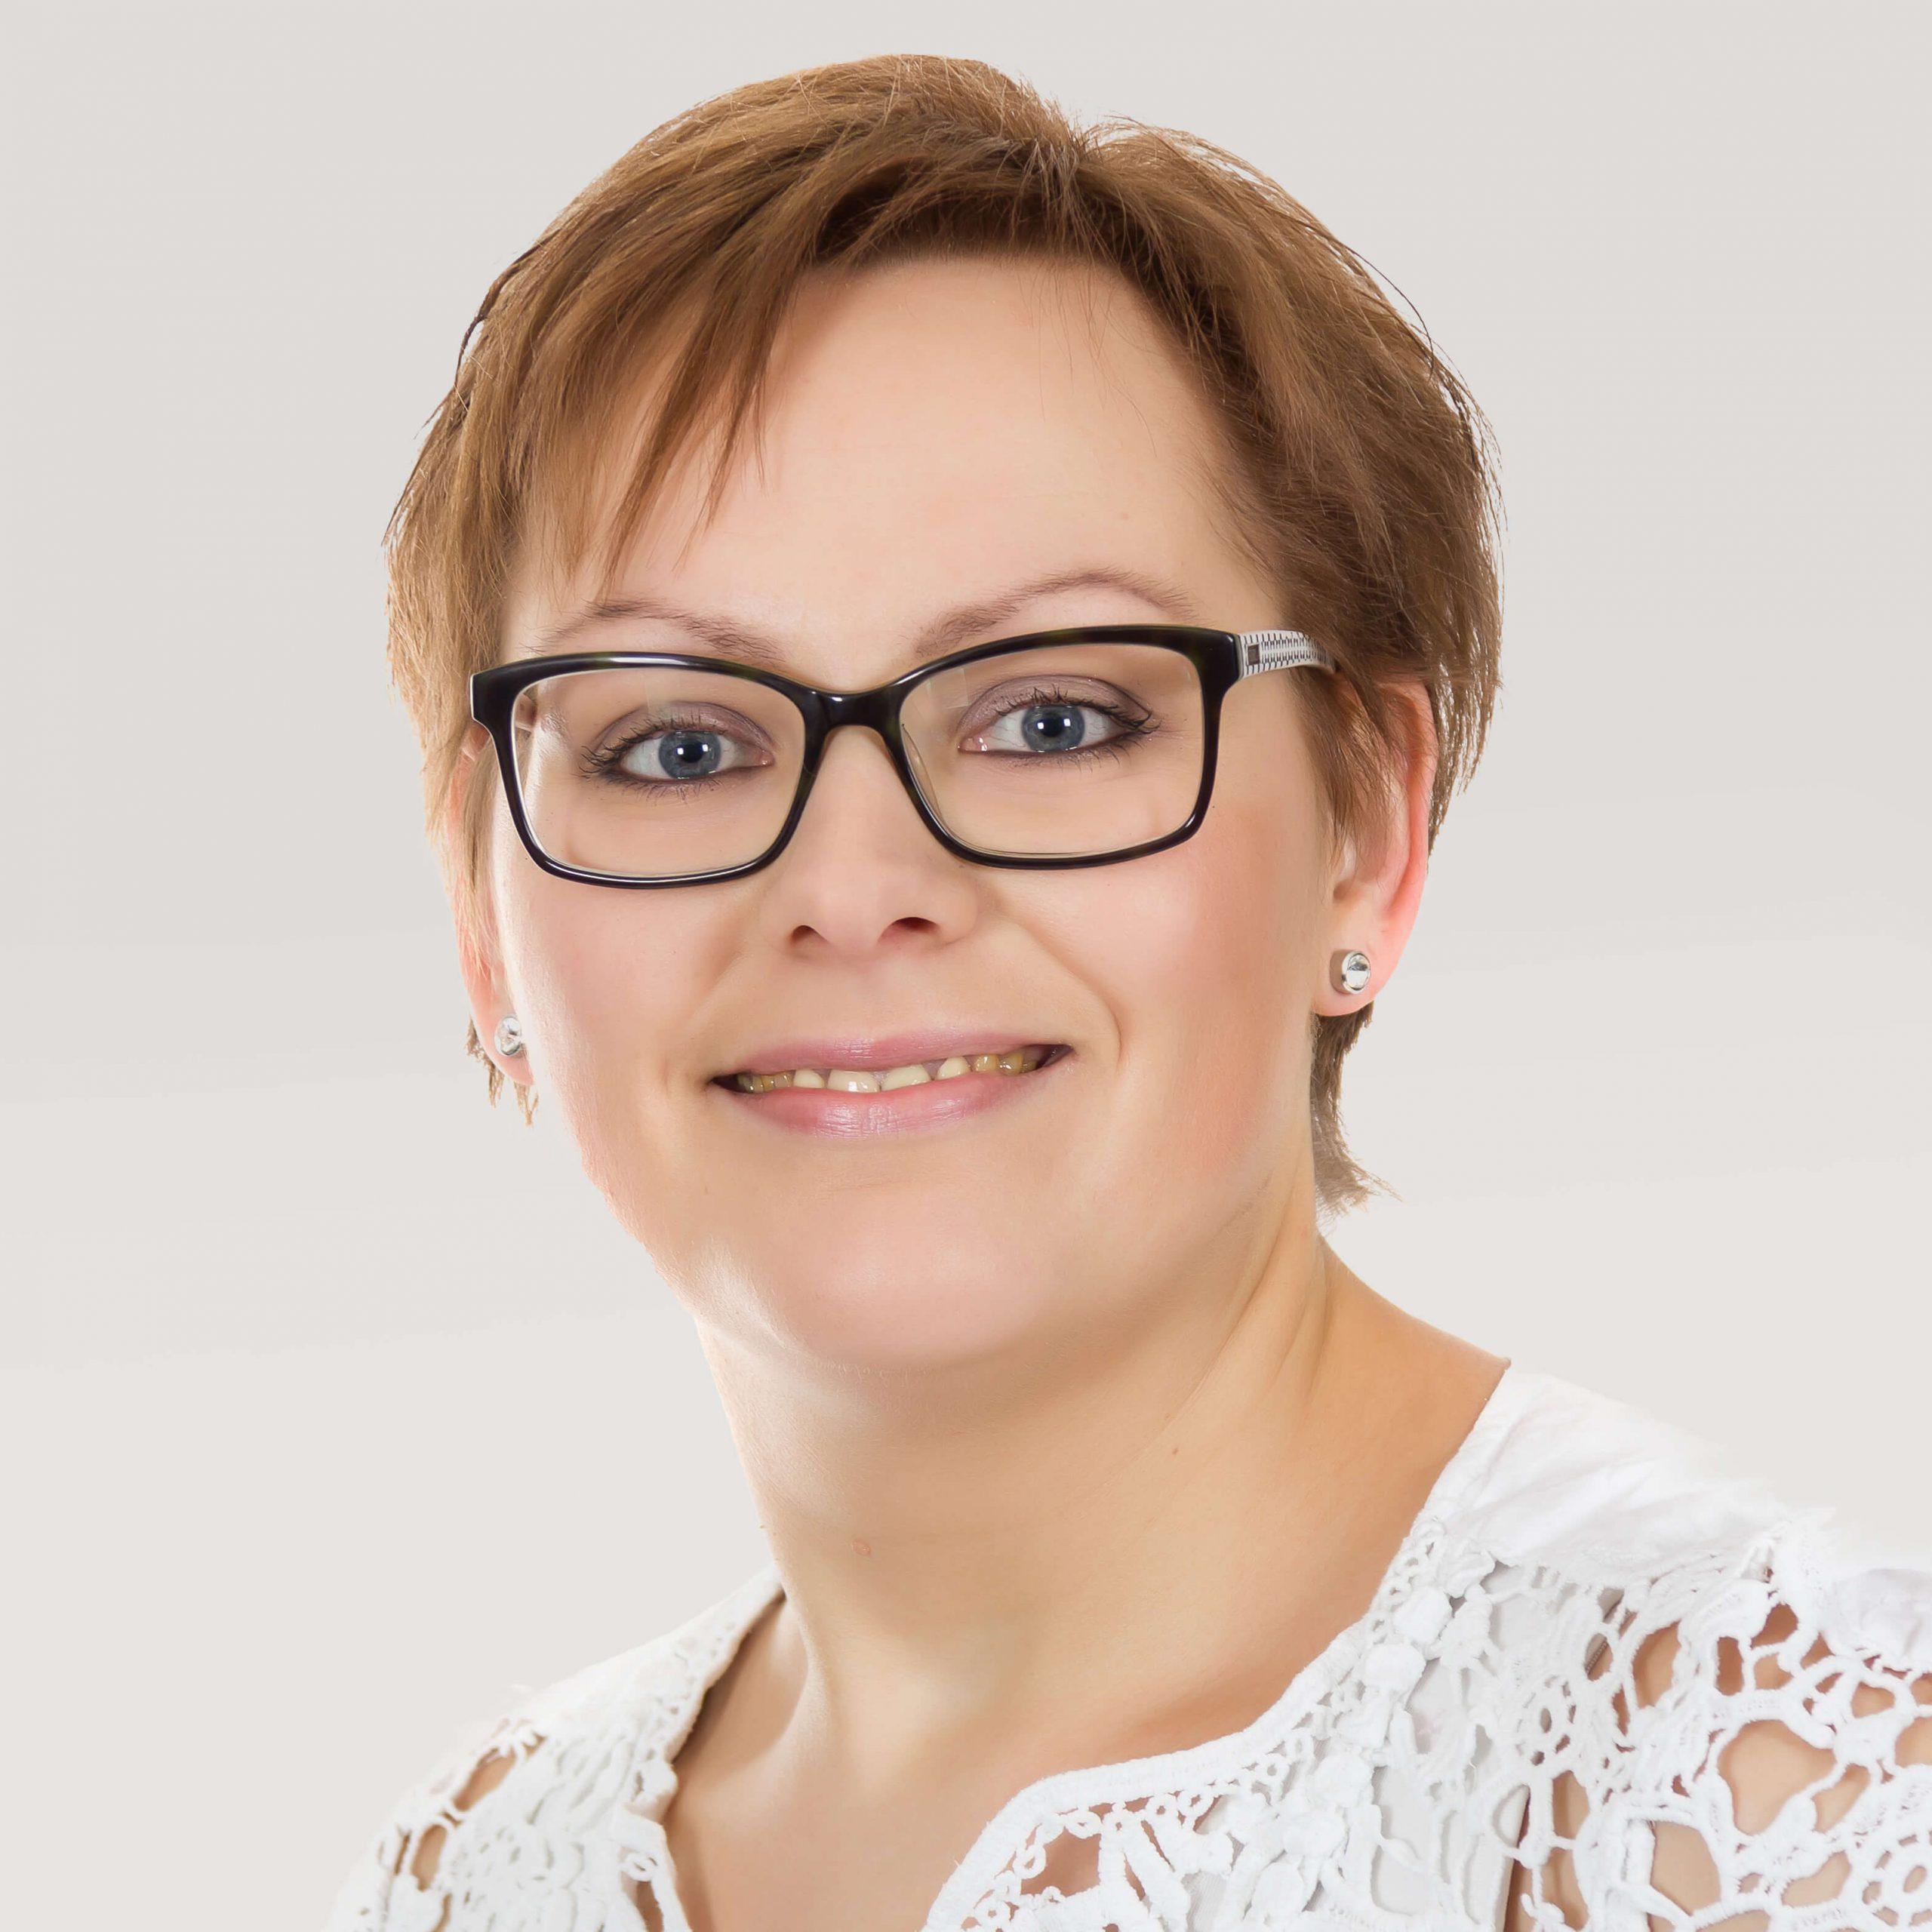 Stefanie Deutschmann - Team Körperwelt Telge